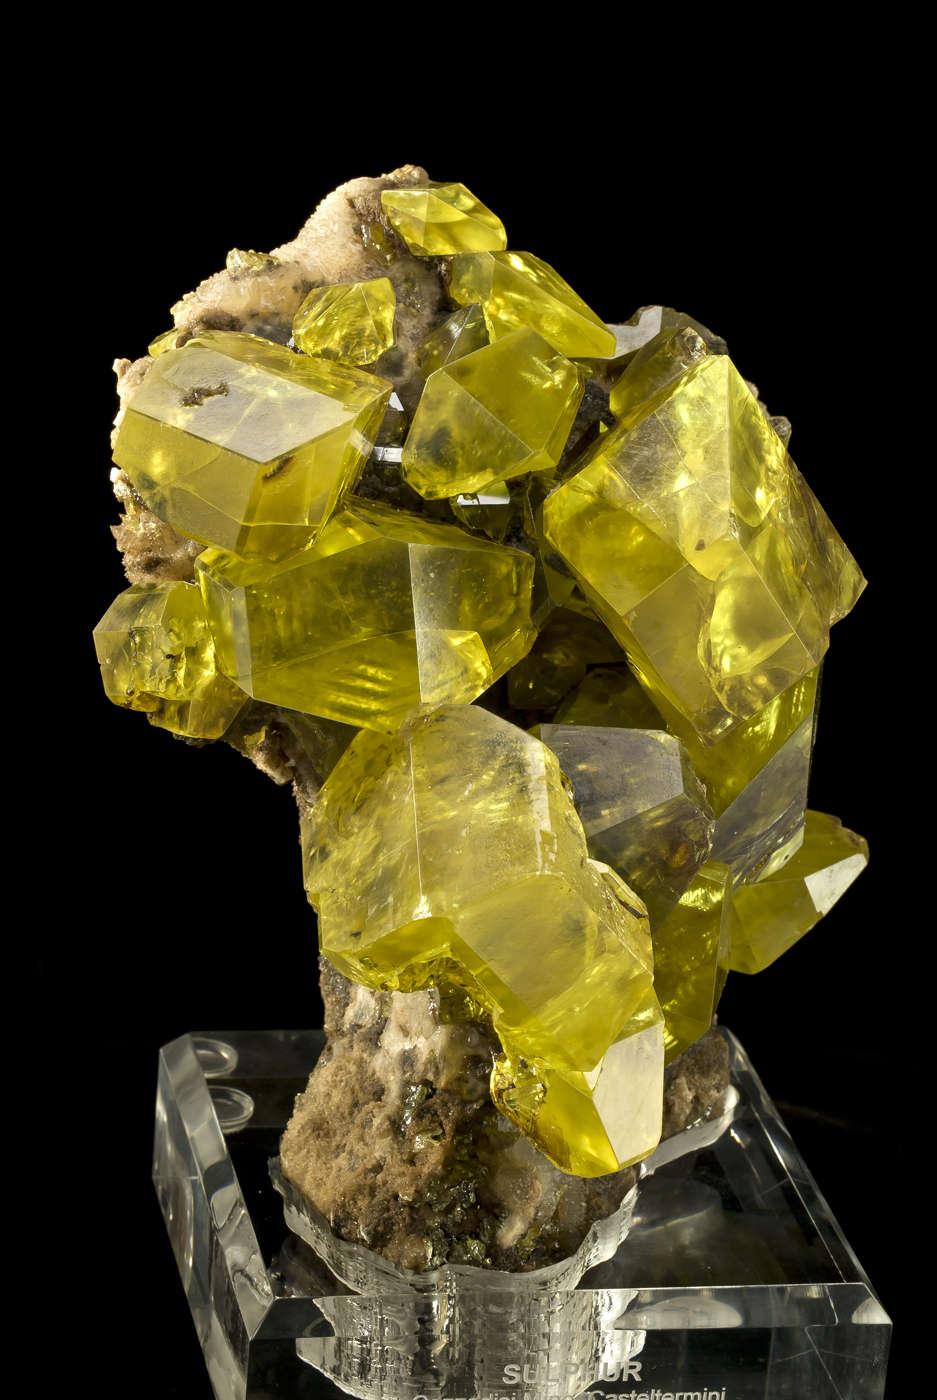 Sunburst Yellow Sulfur | iRocks Fine Minerals |Sulfur Mineral